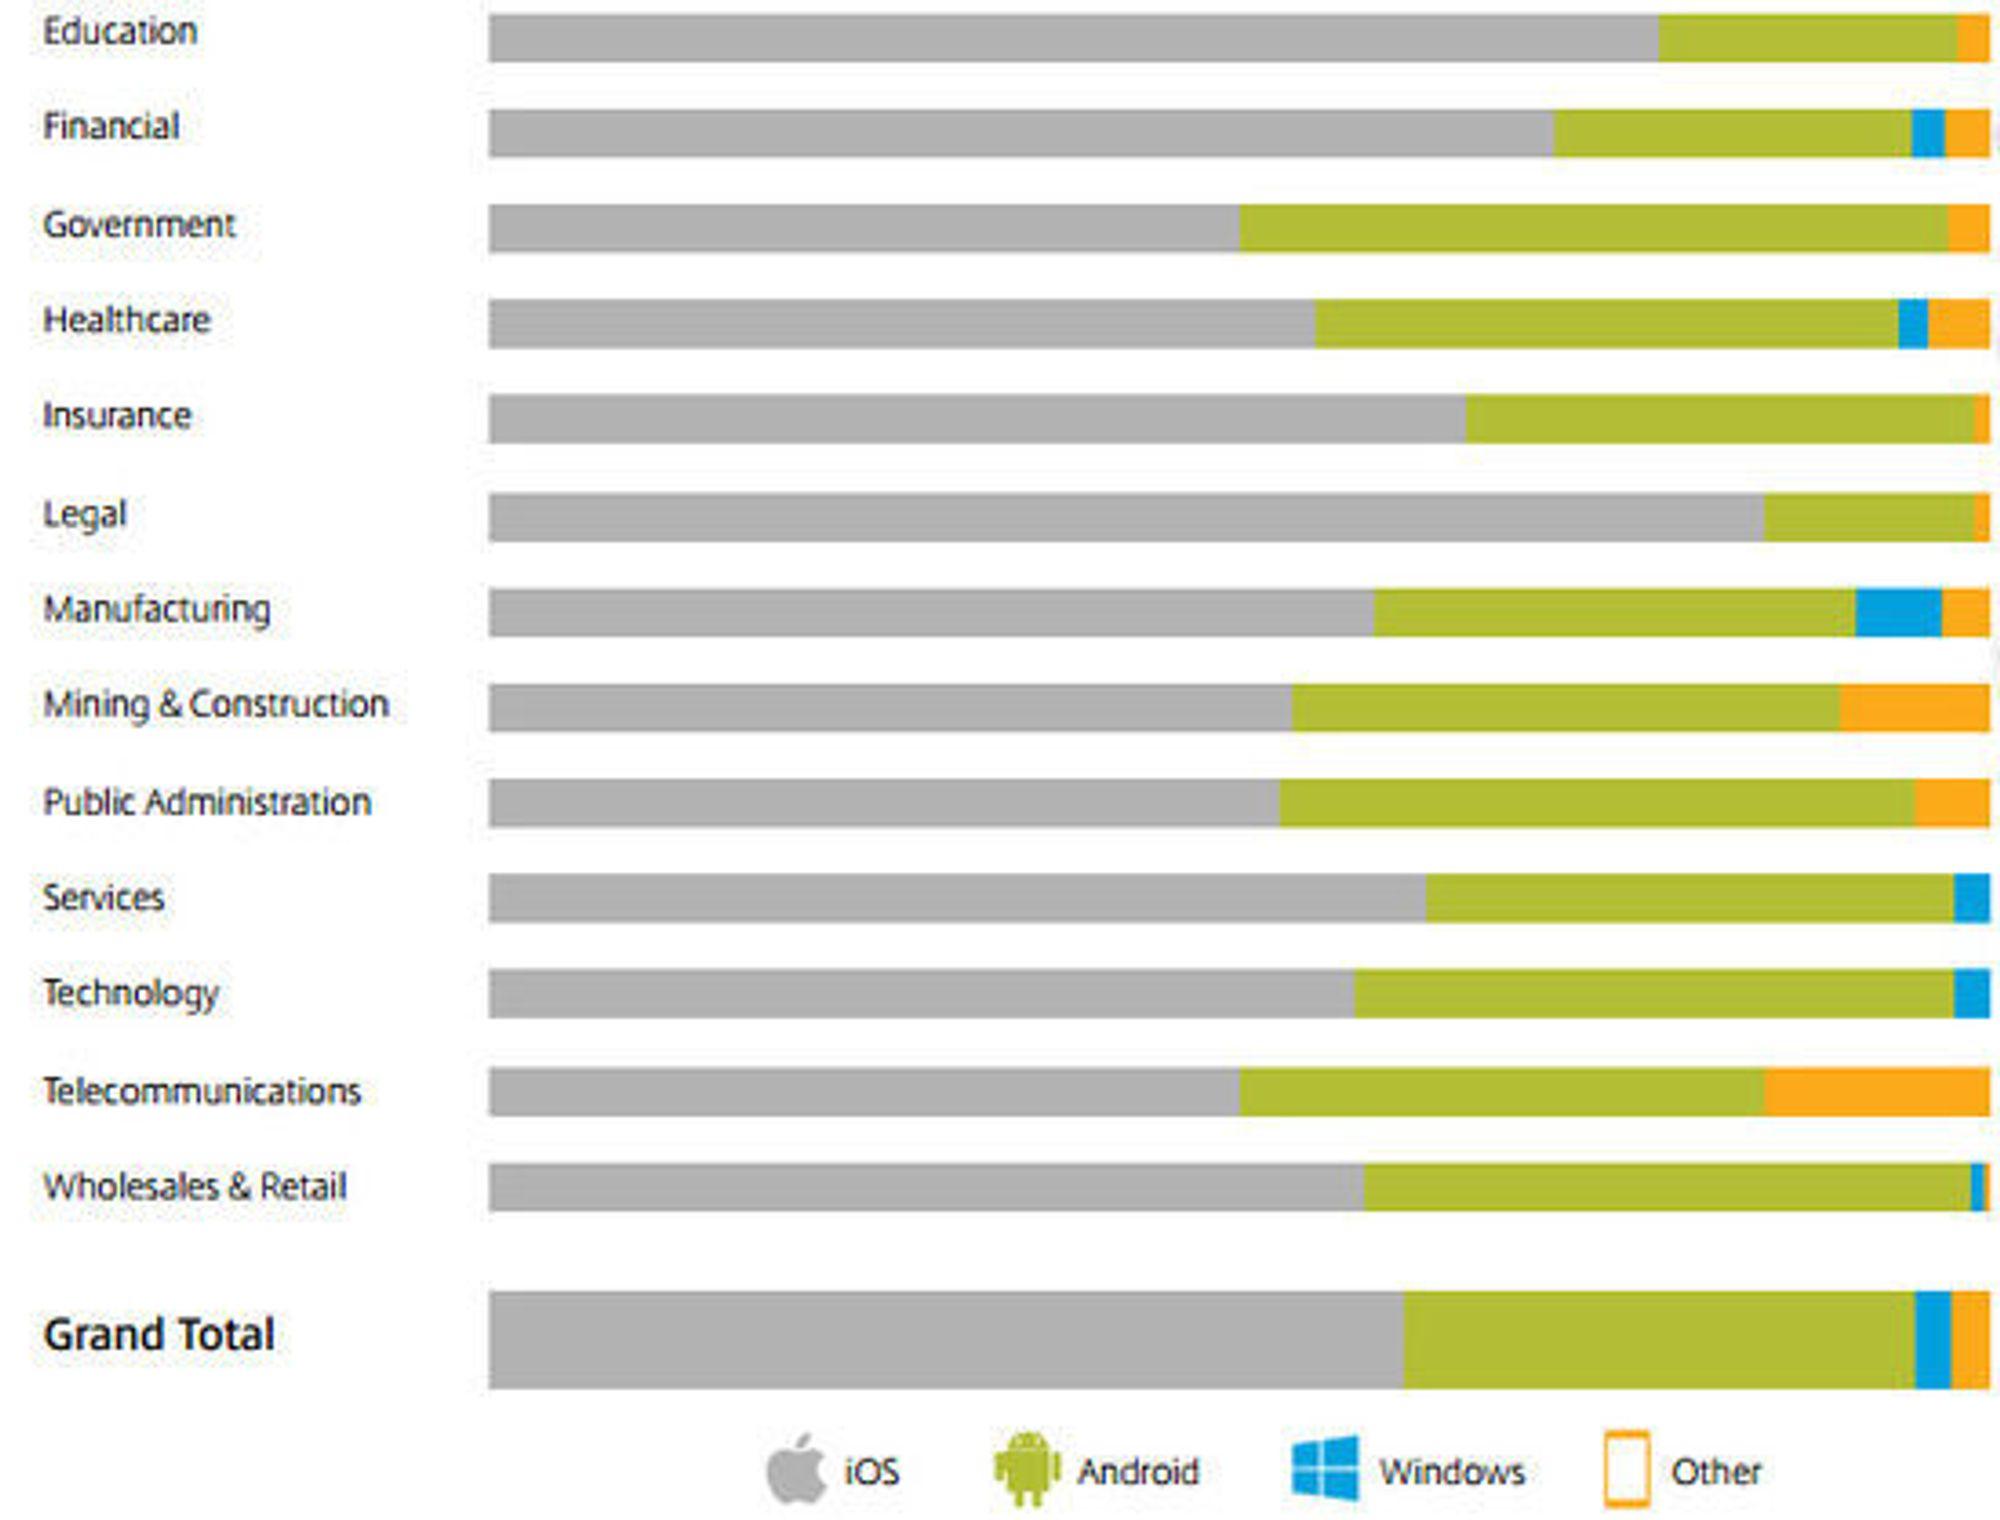 Utbredelse av ulike smartmobilplattformer innen forskjellige bransjer.